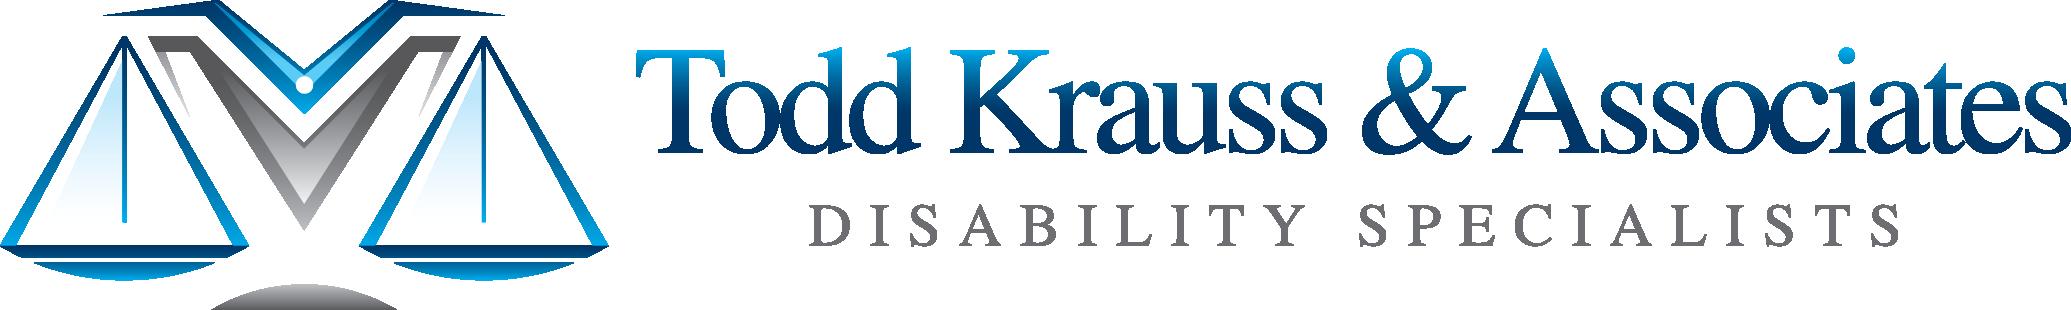 Todd Krauss & Associates